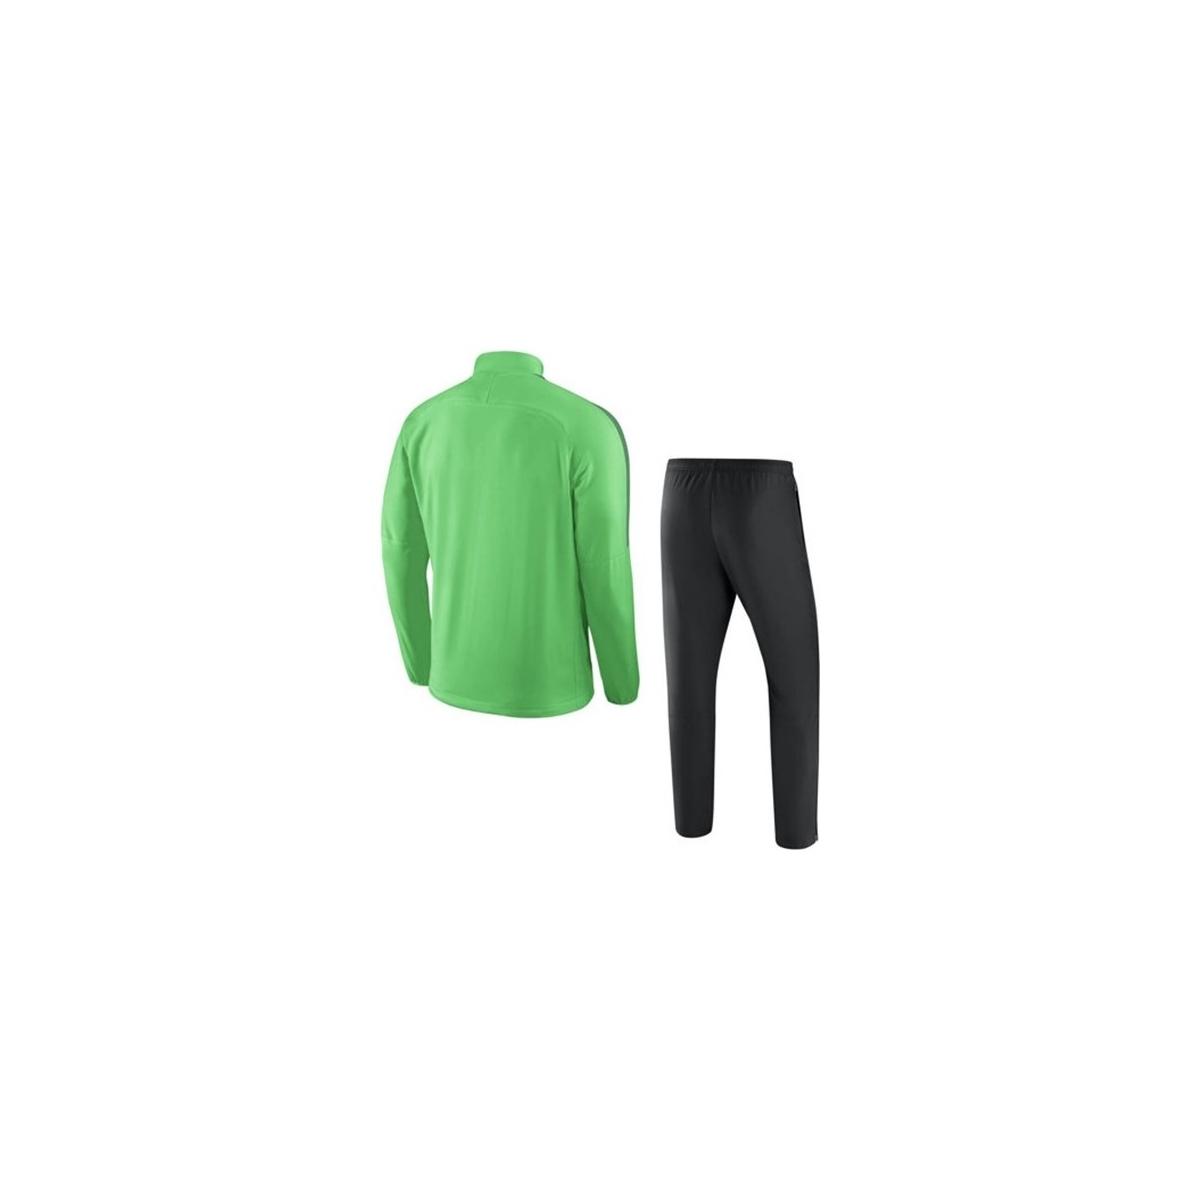 Dry Academy 18 Erkek Yeşil Eşofman Takımı (893709-361)